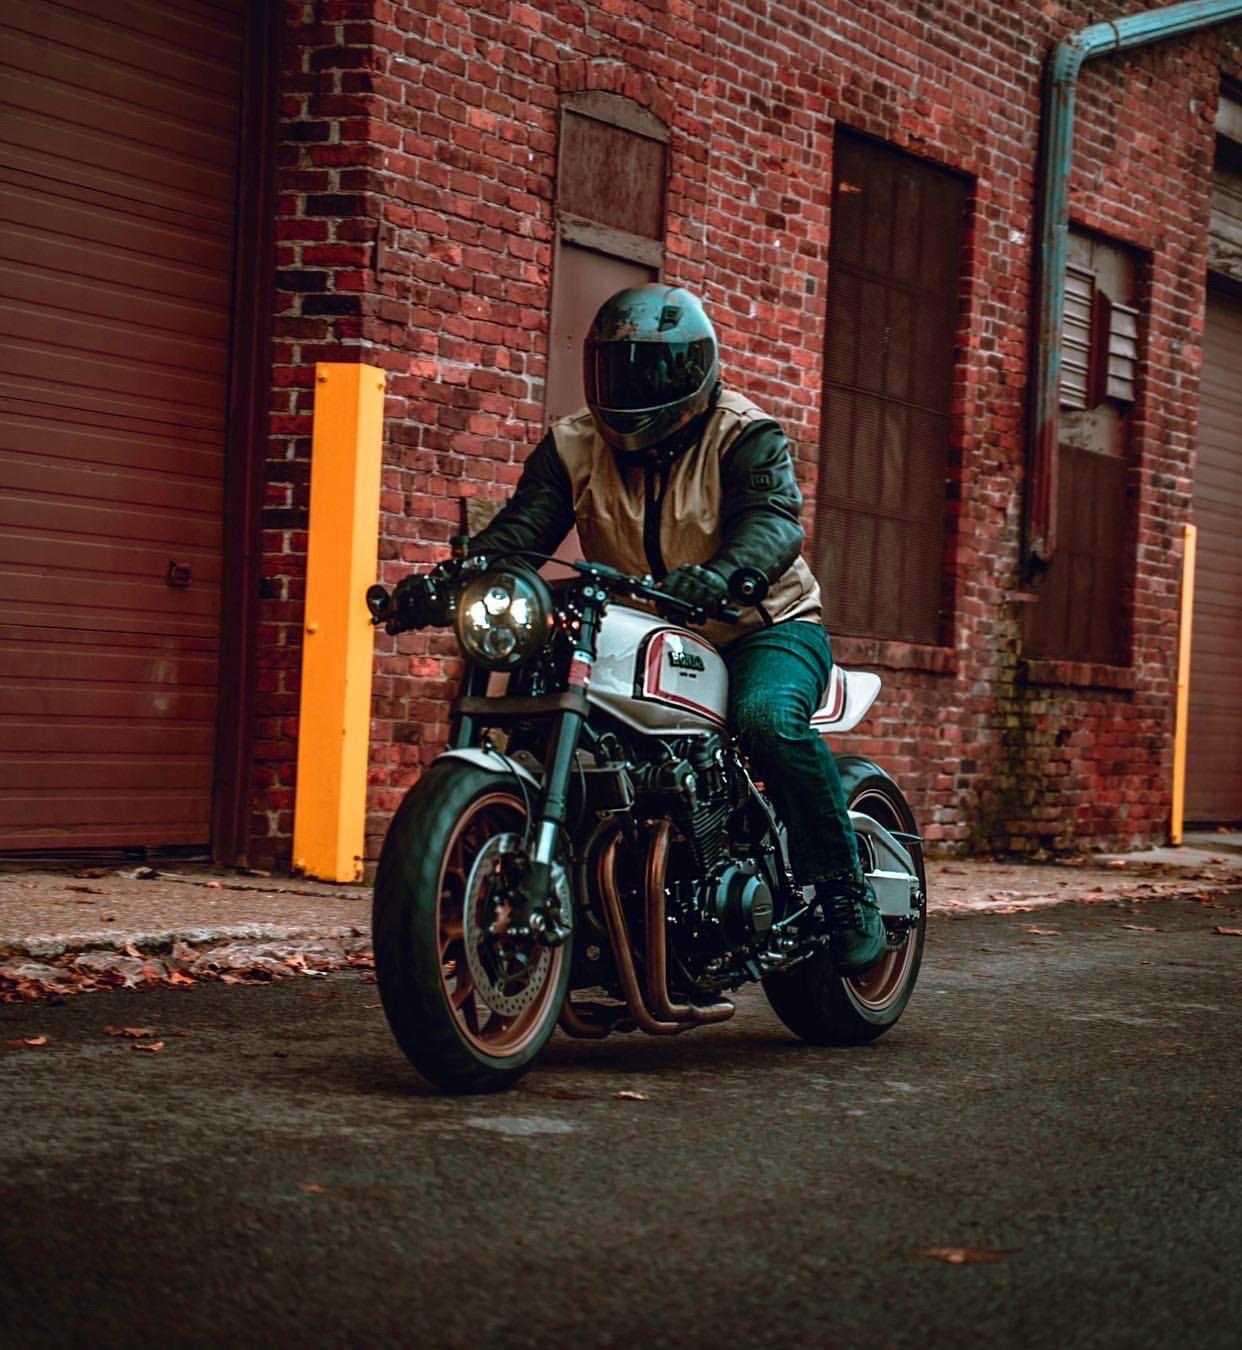 THE LONG HAUL: Honda CB750 by Cody Fagan